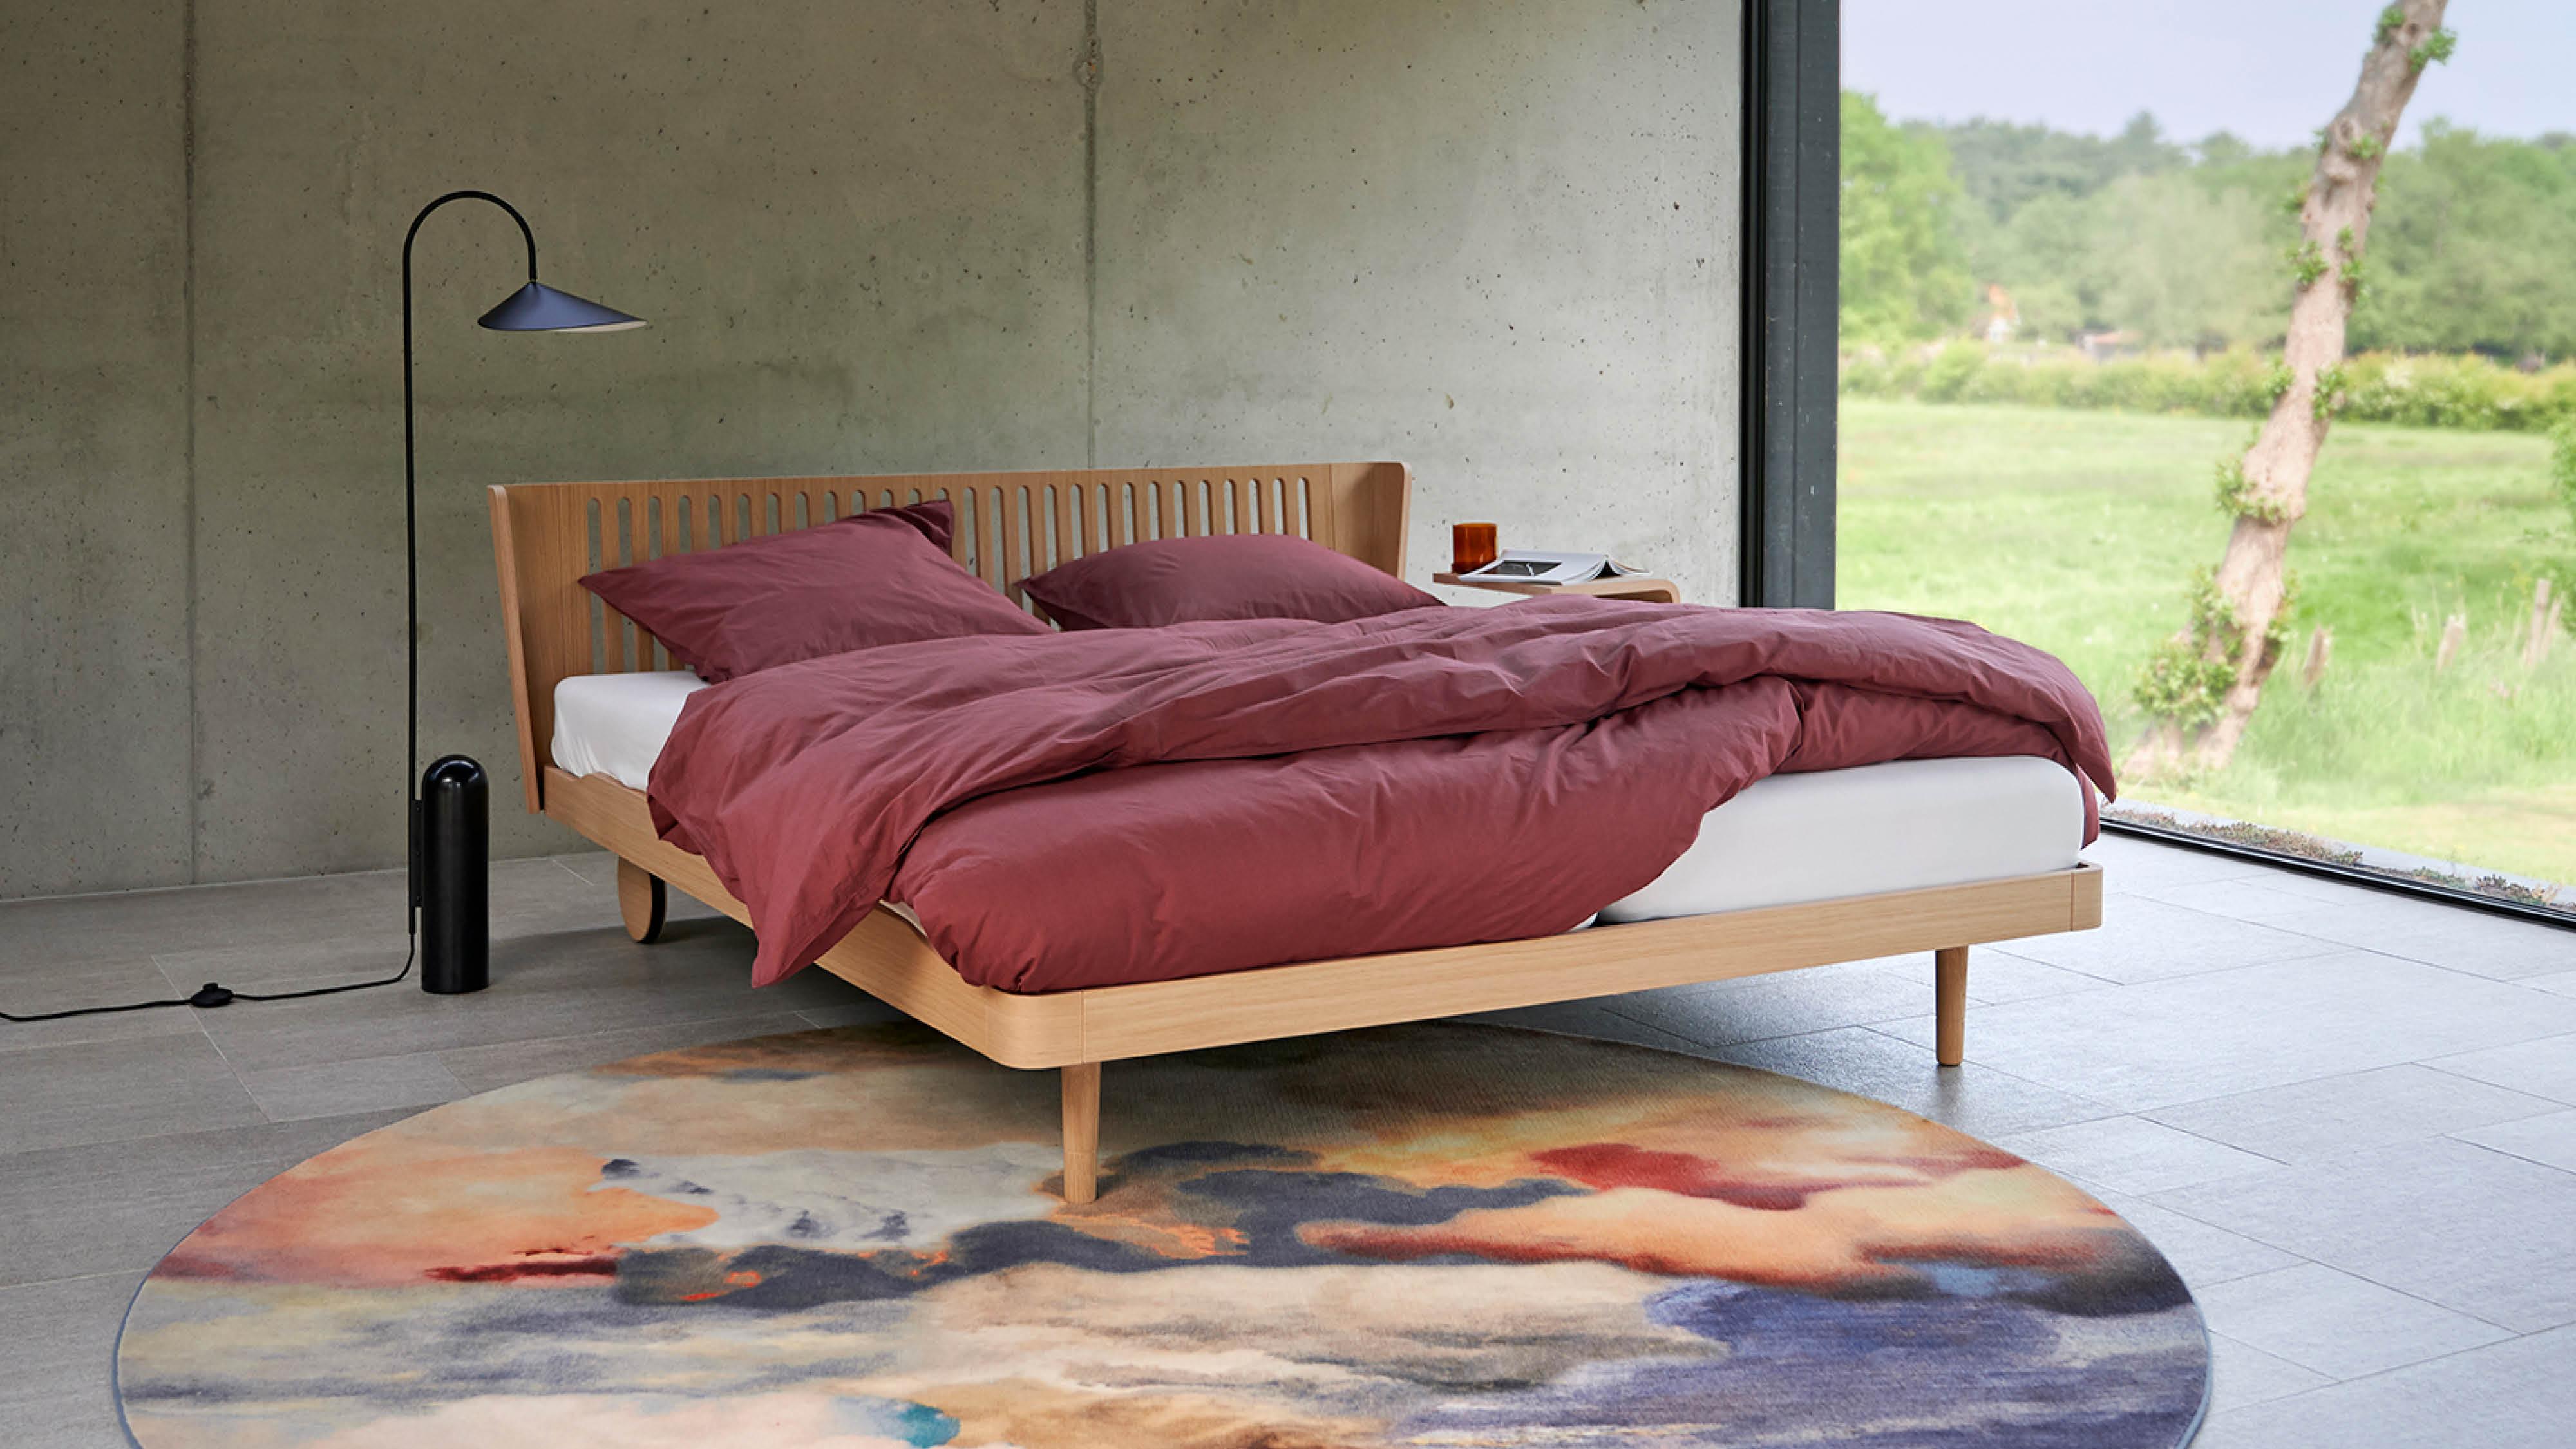 Houten Noa bed van Auping